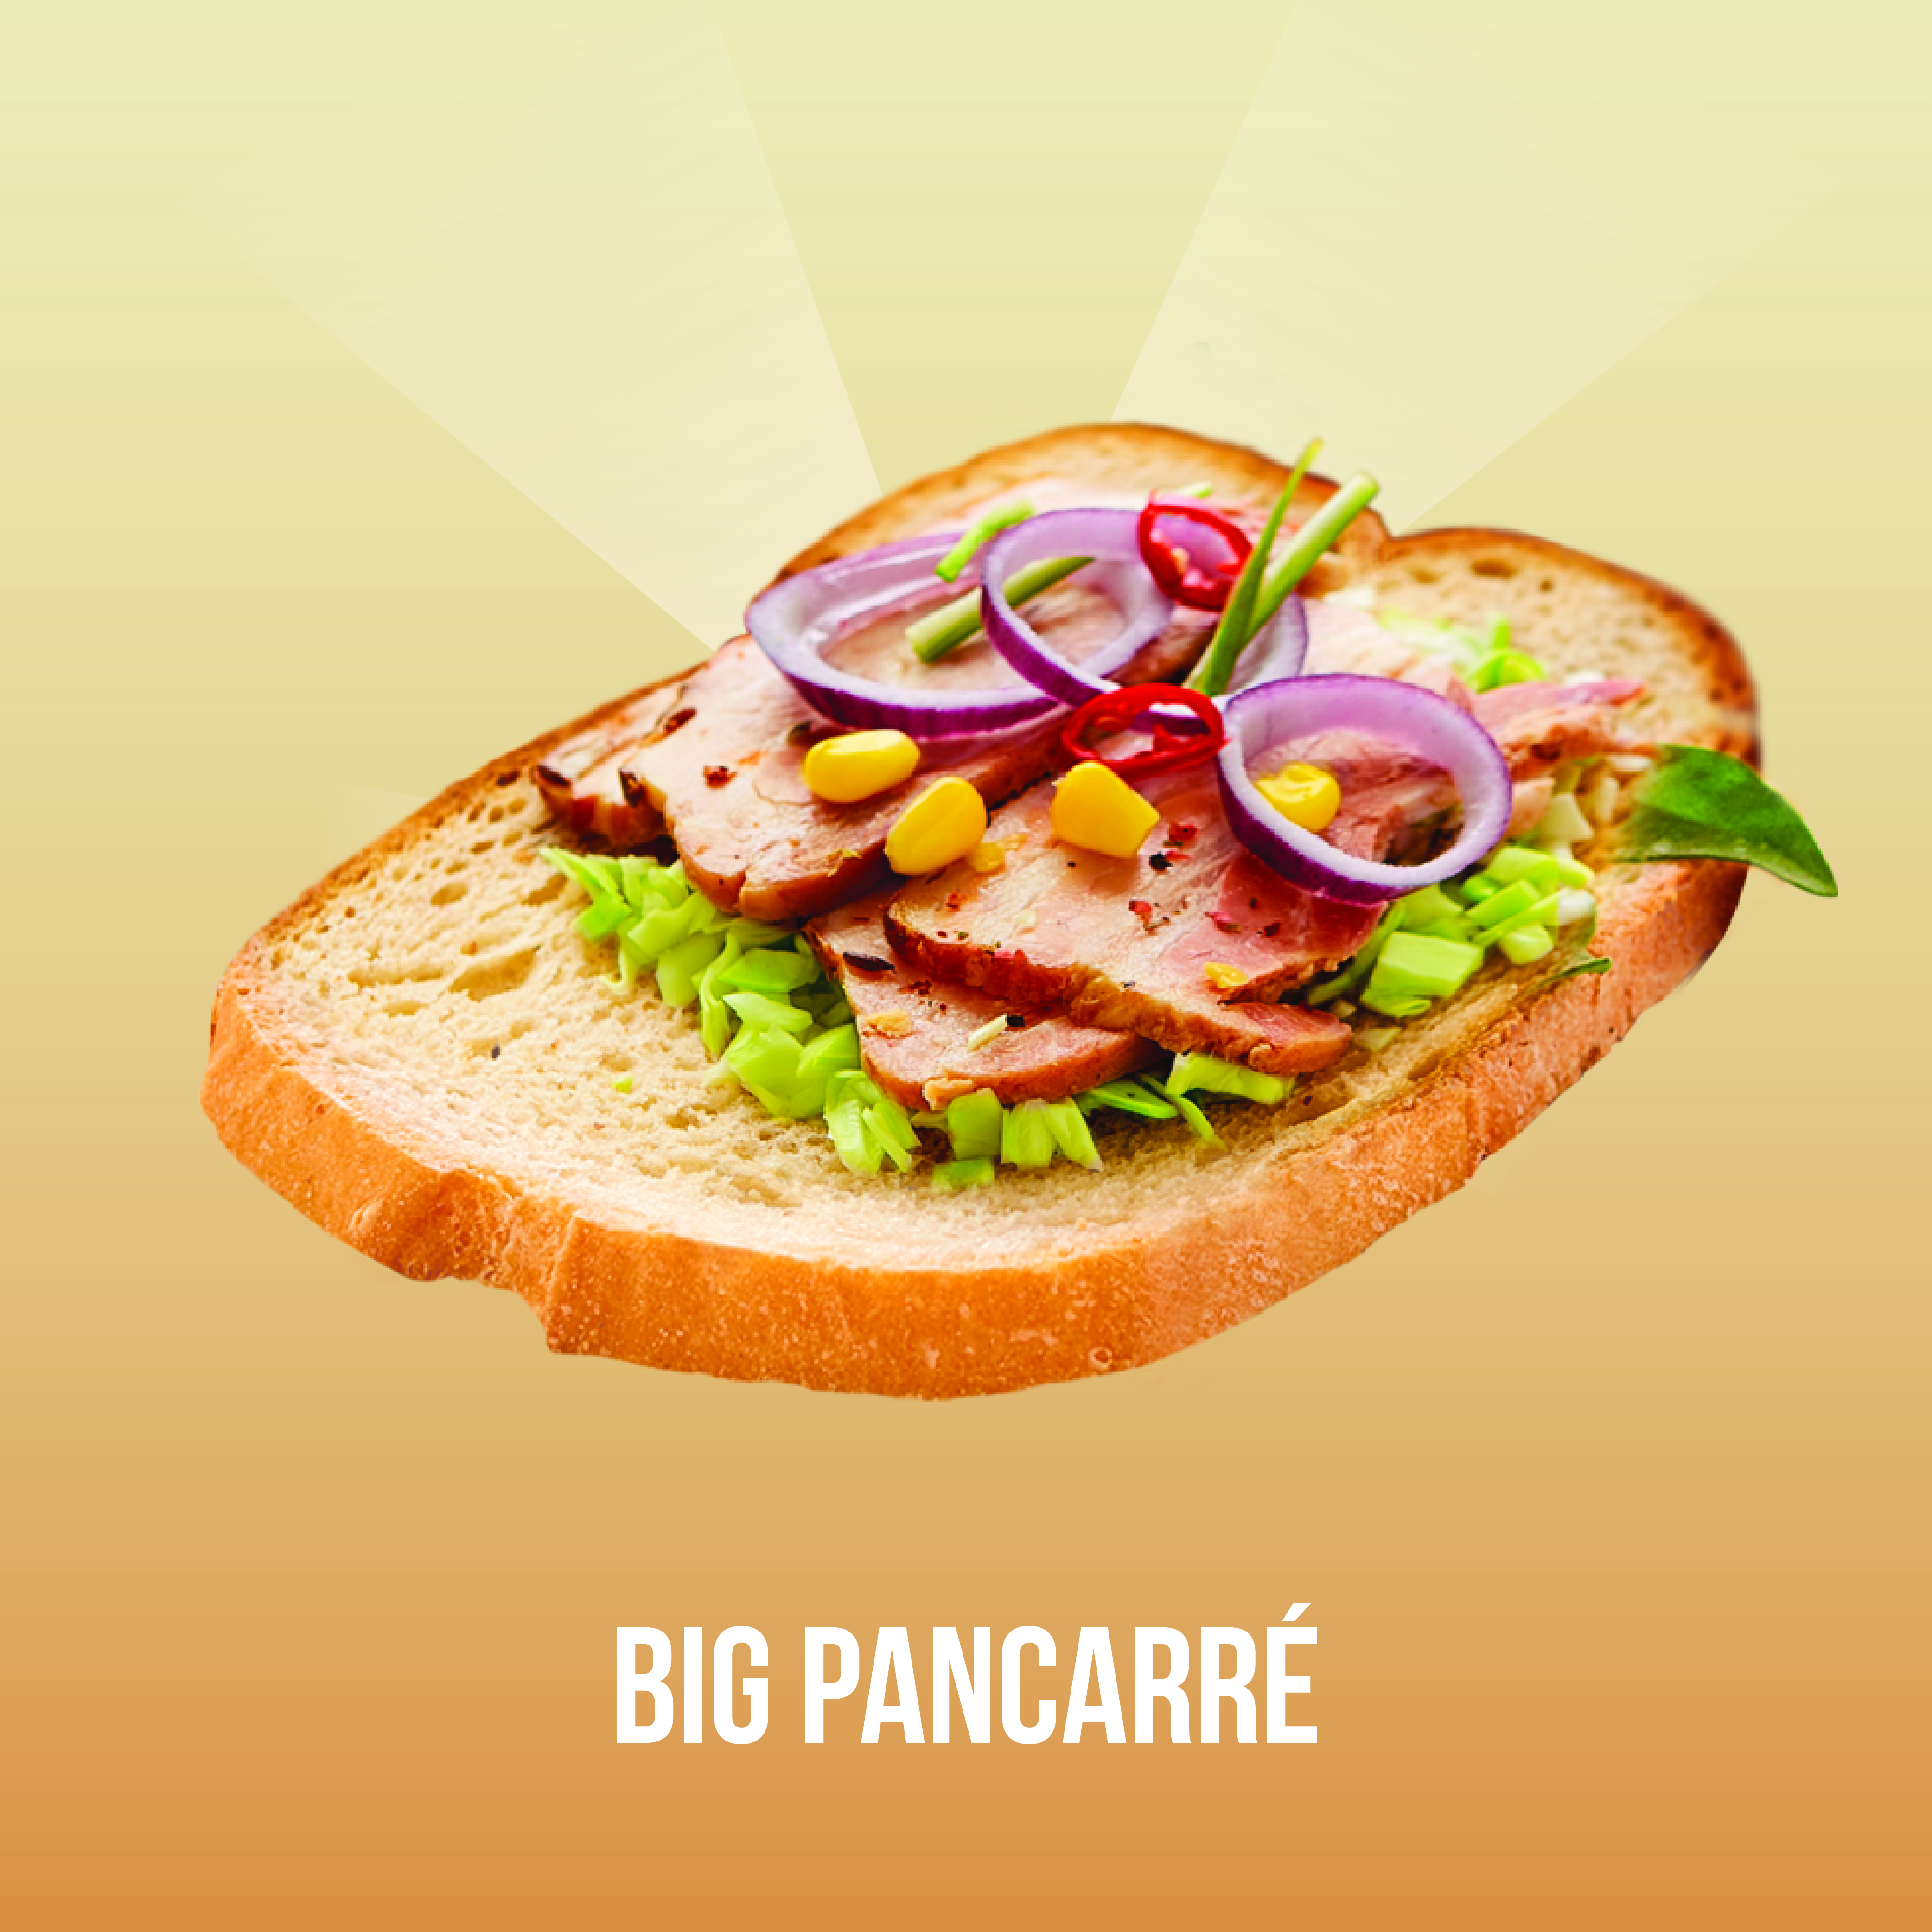 Big Pancarrè